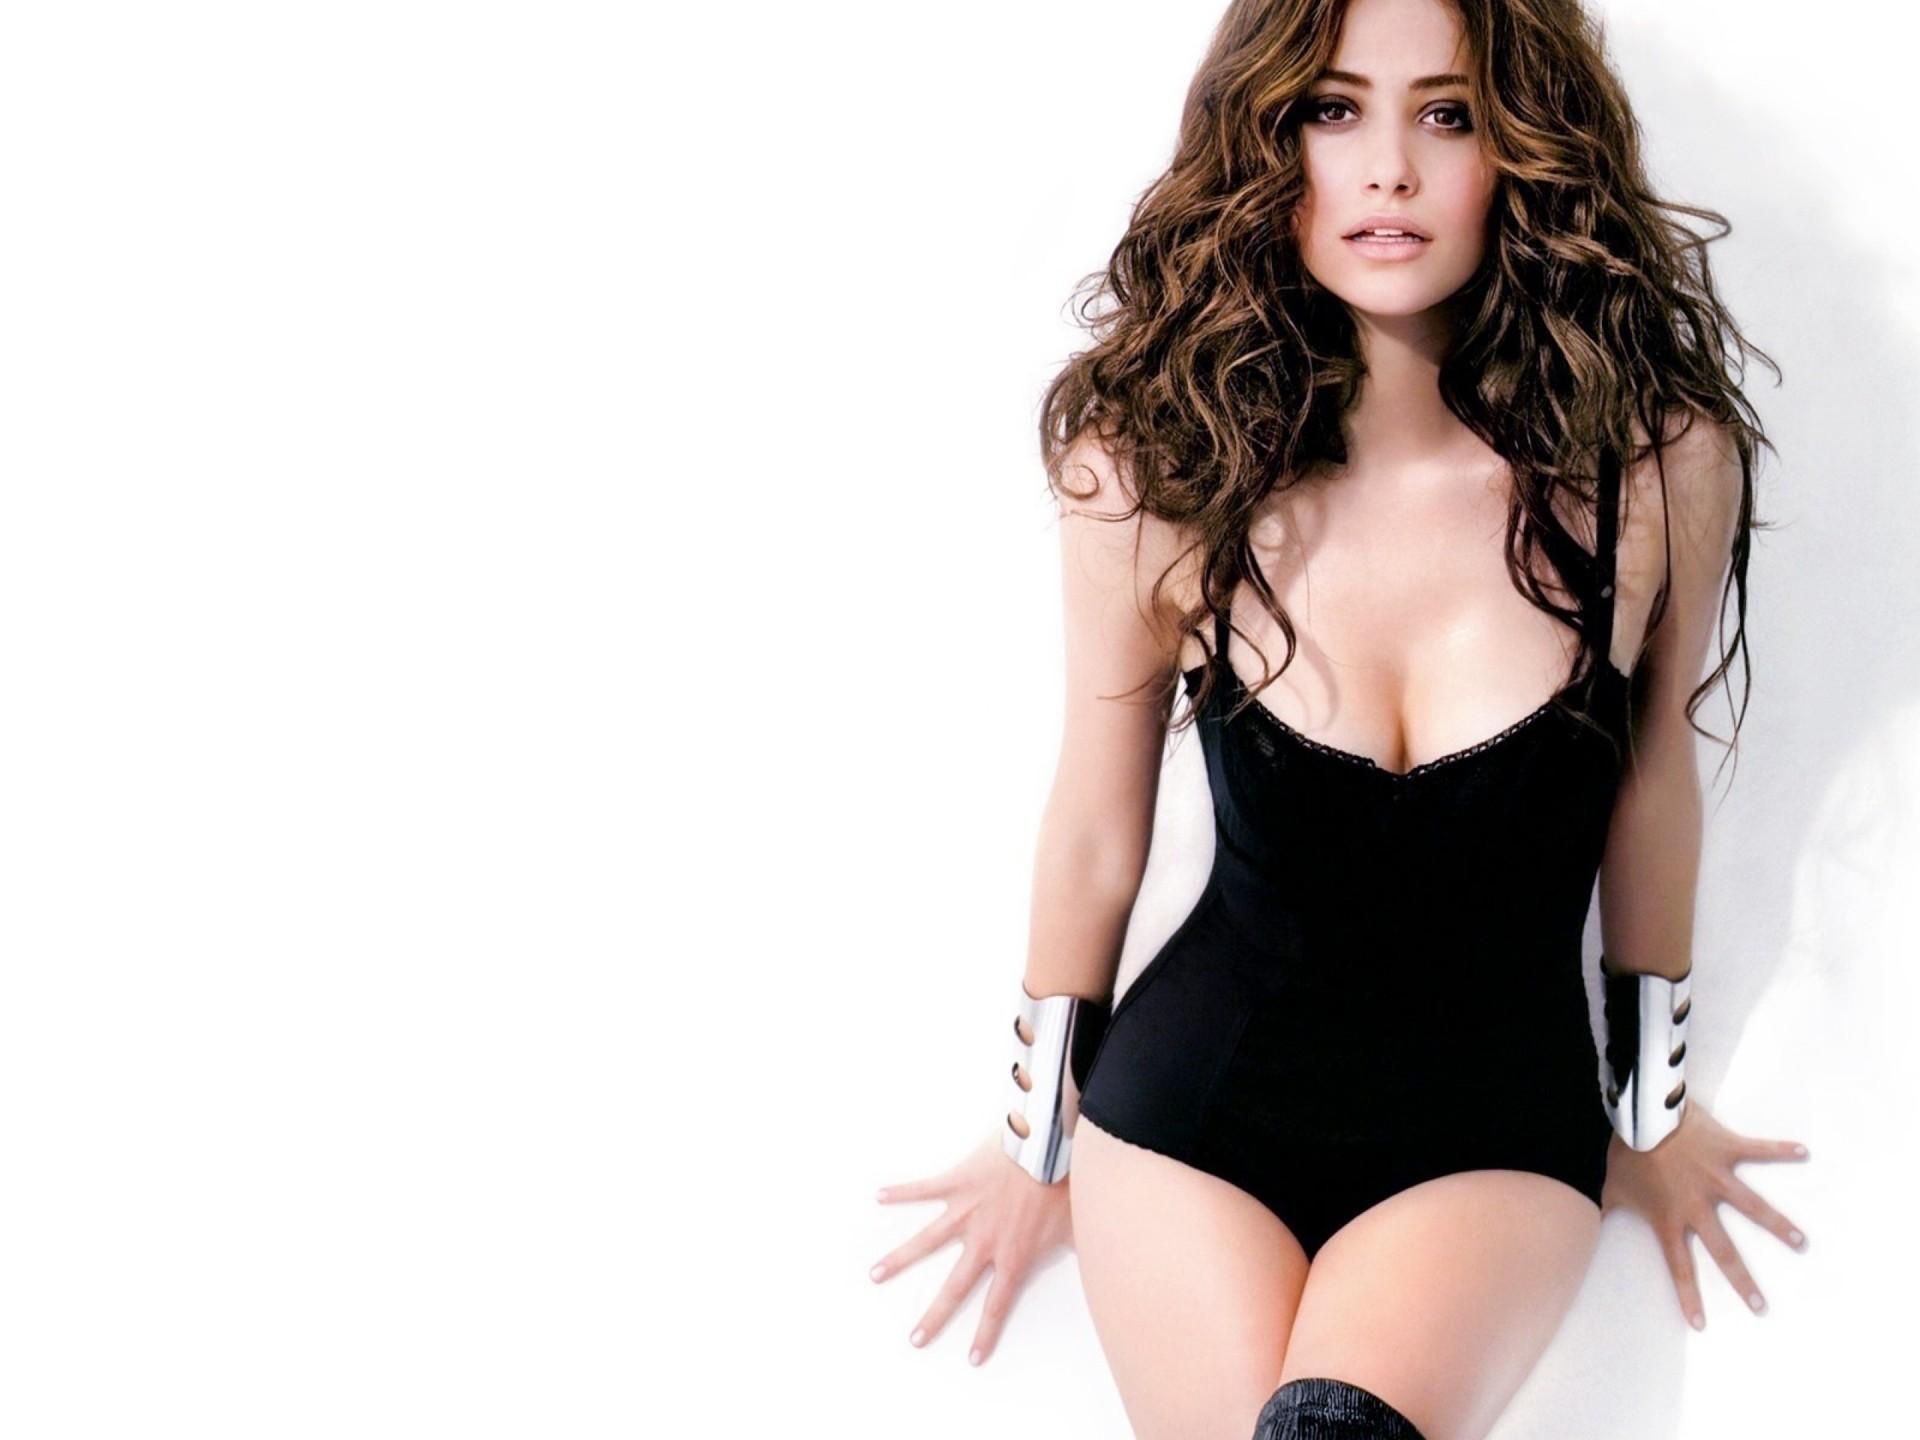 Hot Celebrities Emmy Rossum HD Wallpaper Free